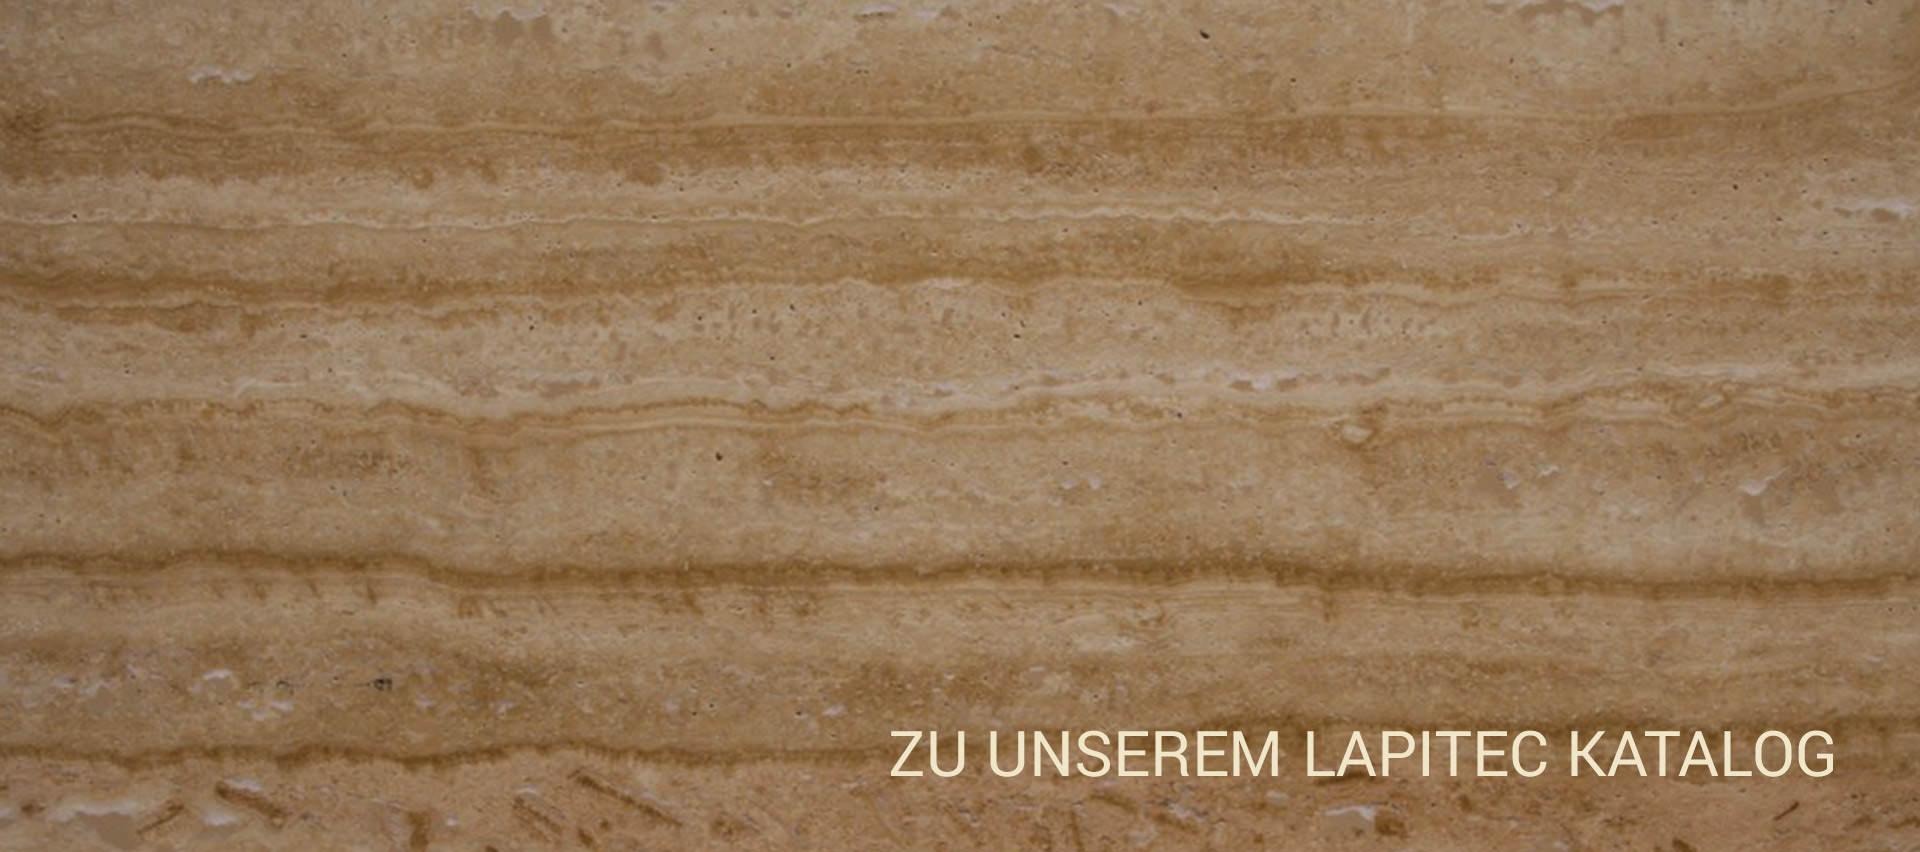 Pabel-Banner-Startseite